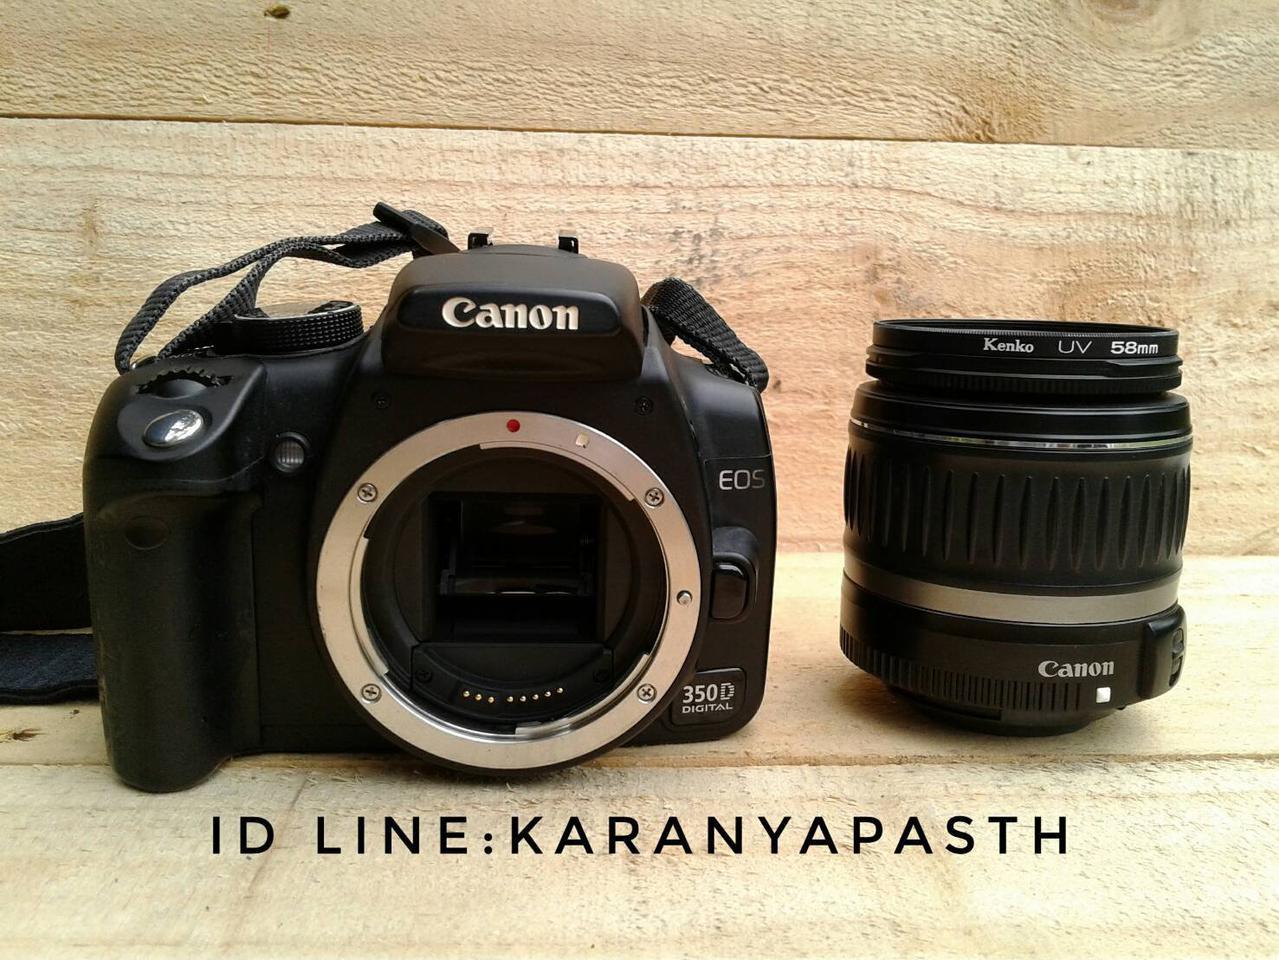 กล้อง canon eos 350d รูปที่ 2